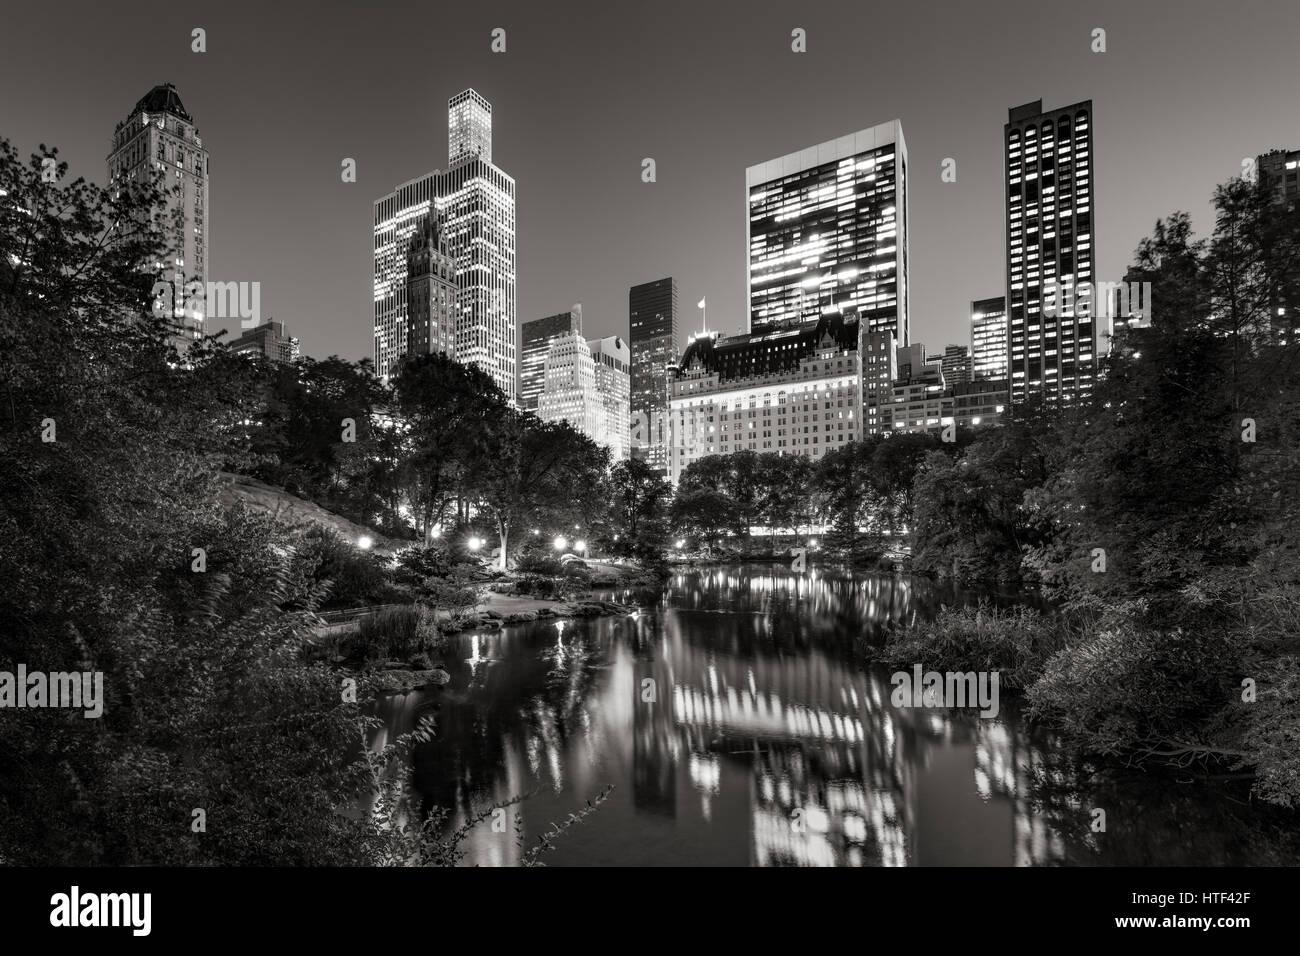 Gratte-ciel de Midtown Manhattan illuminée en soirée.Les bâtiments de Central Park South se reflètent Photo Stock